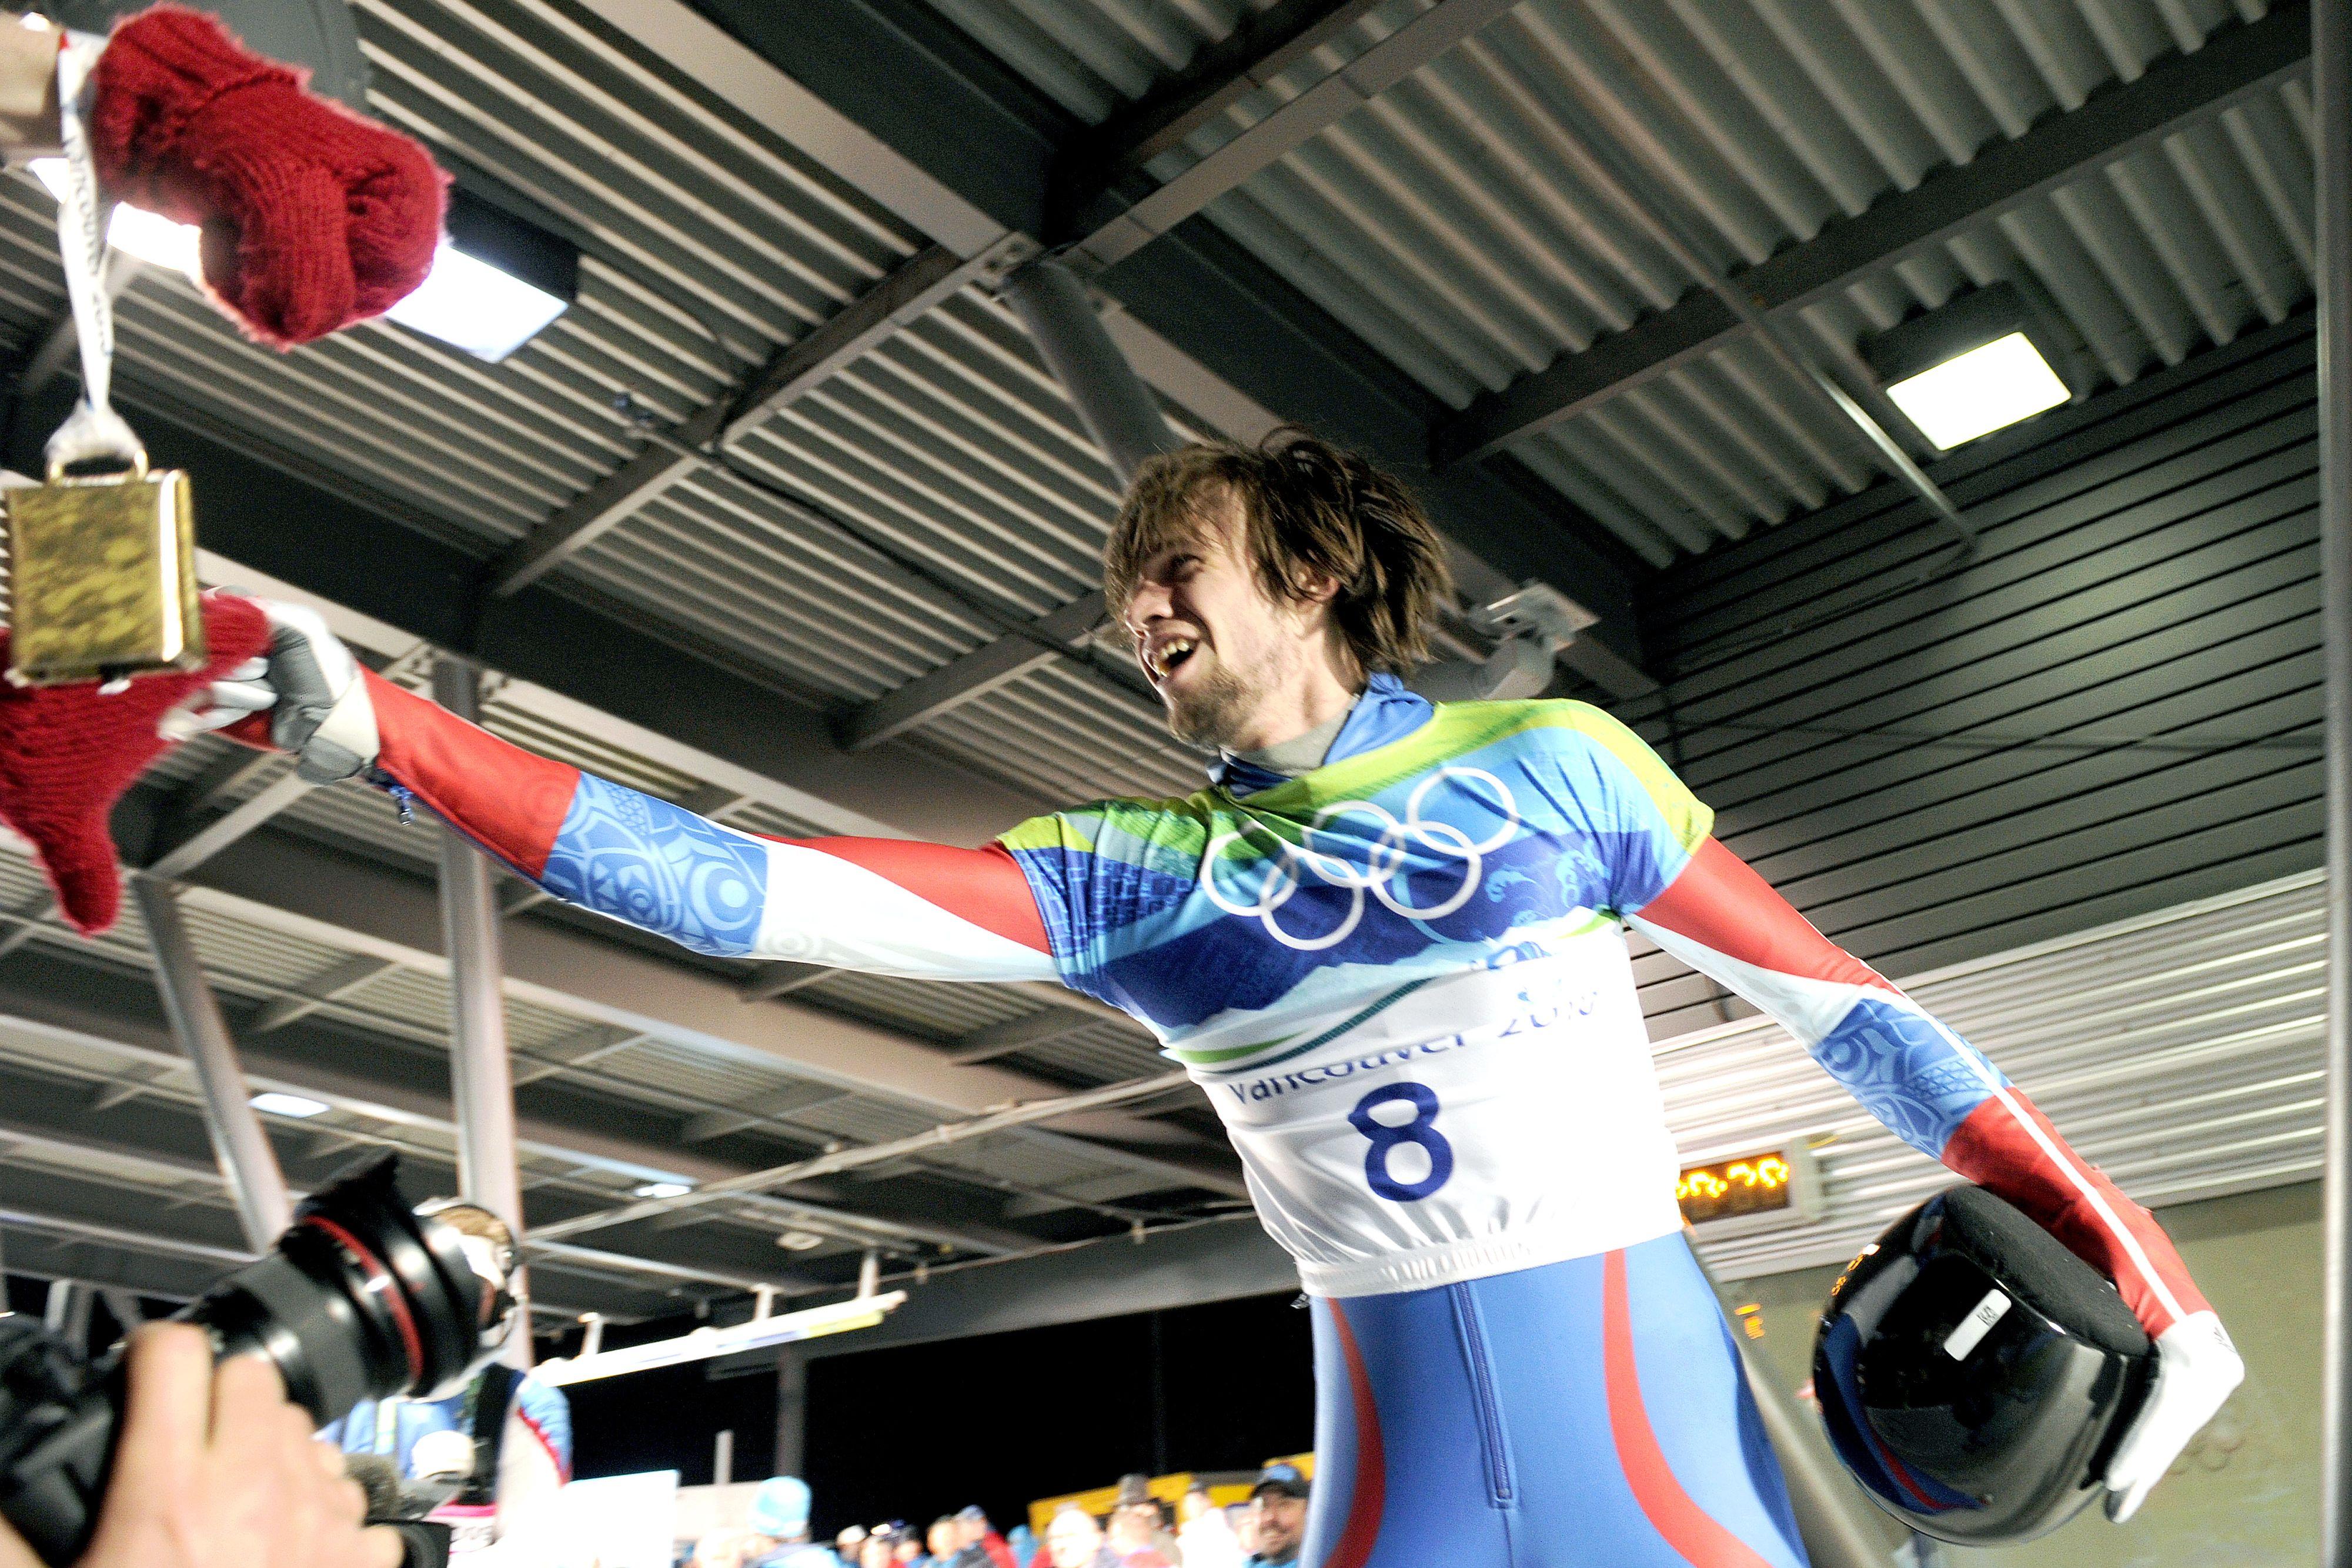 Скелетонист Третьяков стал двукратным чемпионом Европы